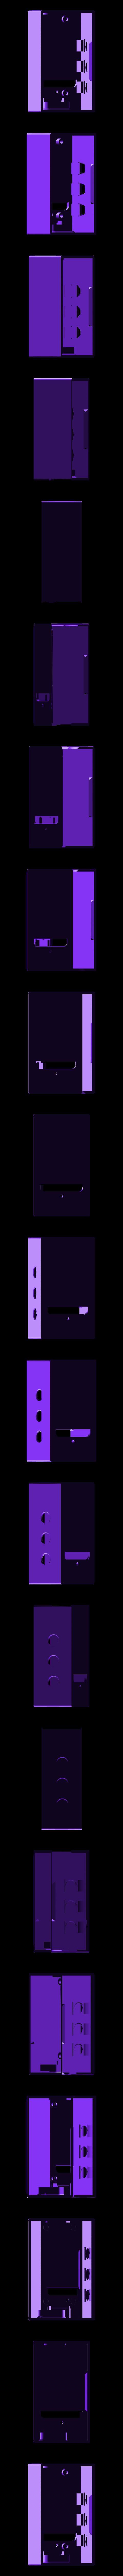 mp3-box.stl Télécharger fichier STL gratuit Plume MP3 - Gordon Cole • Objet pour impression 3D, Adafruit